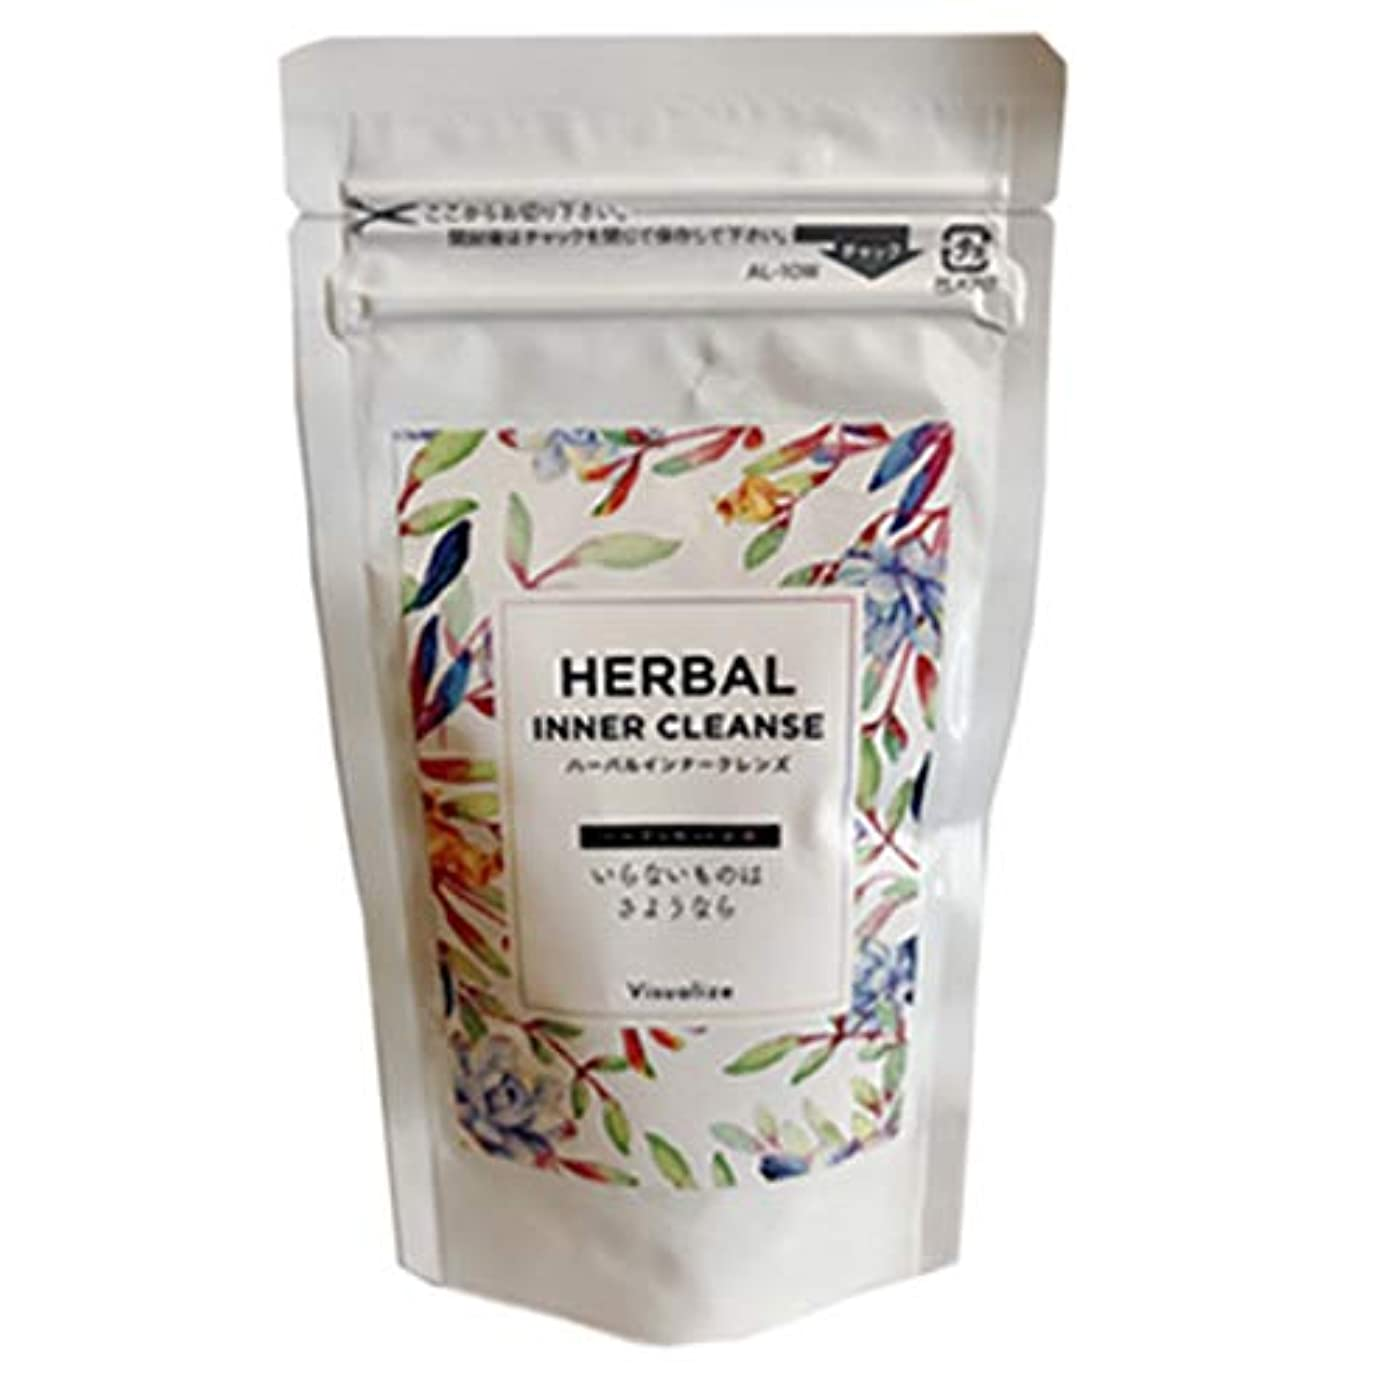 比率マネージャー平和なハーバルインナークレンズ Herbal INNER CLEANZE (150粒(tablets))2019/1/8より順次発送